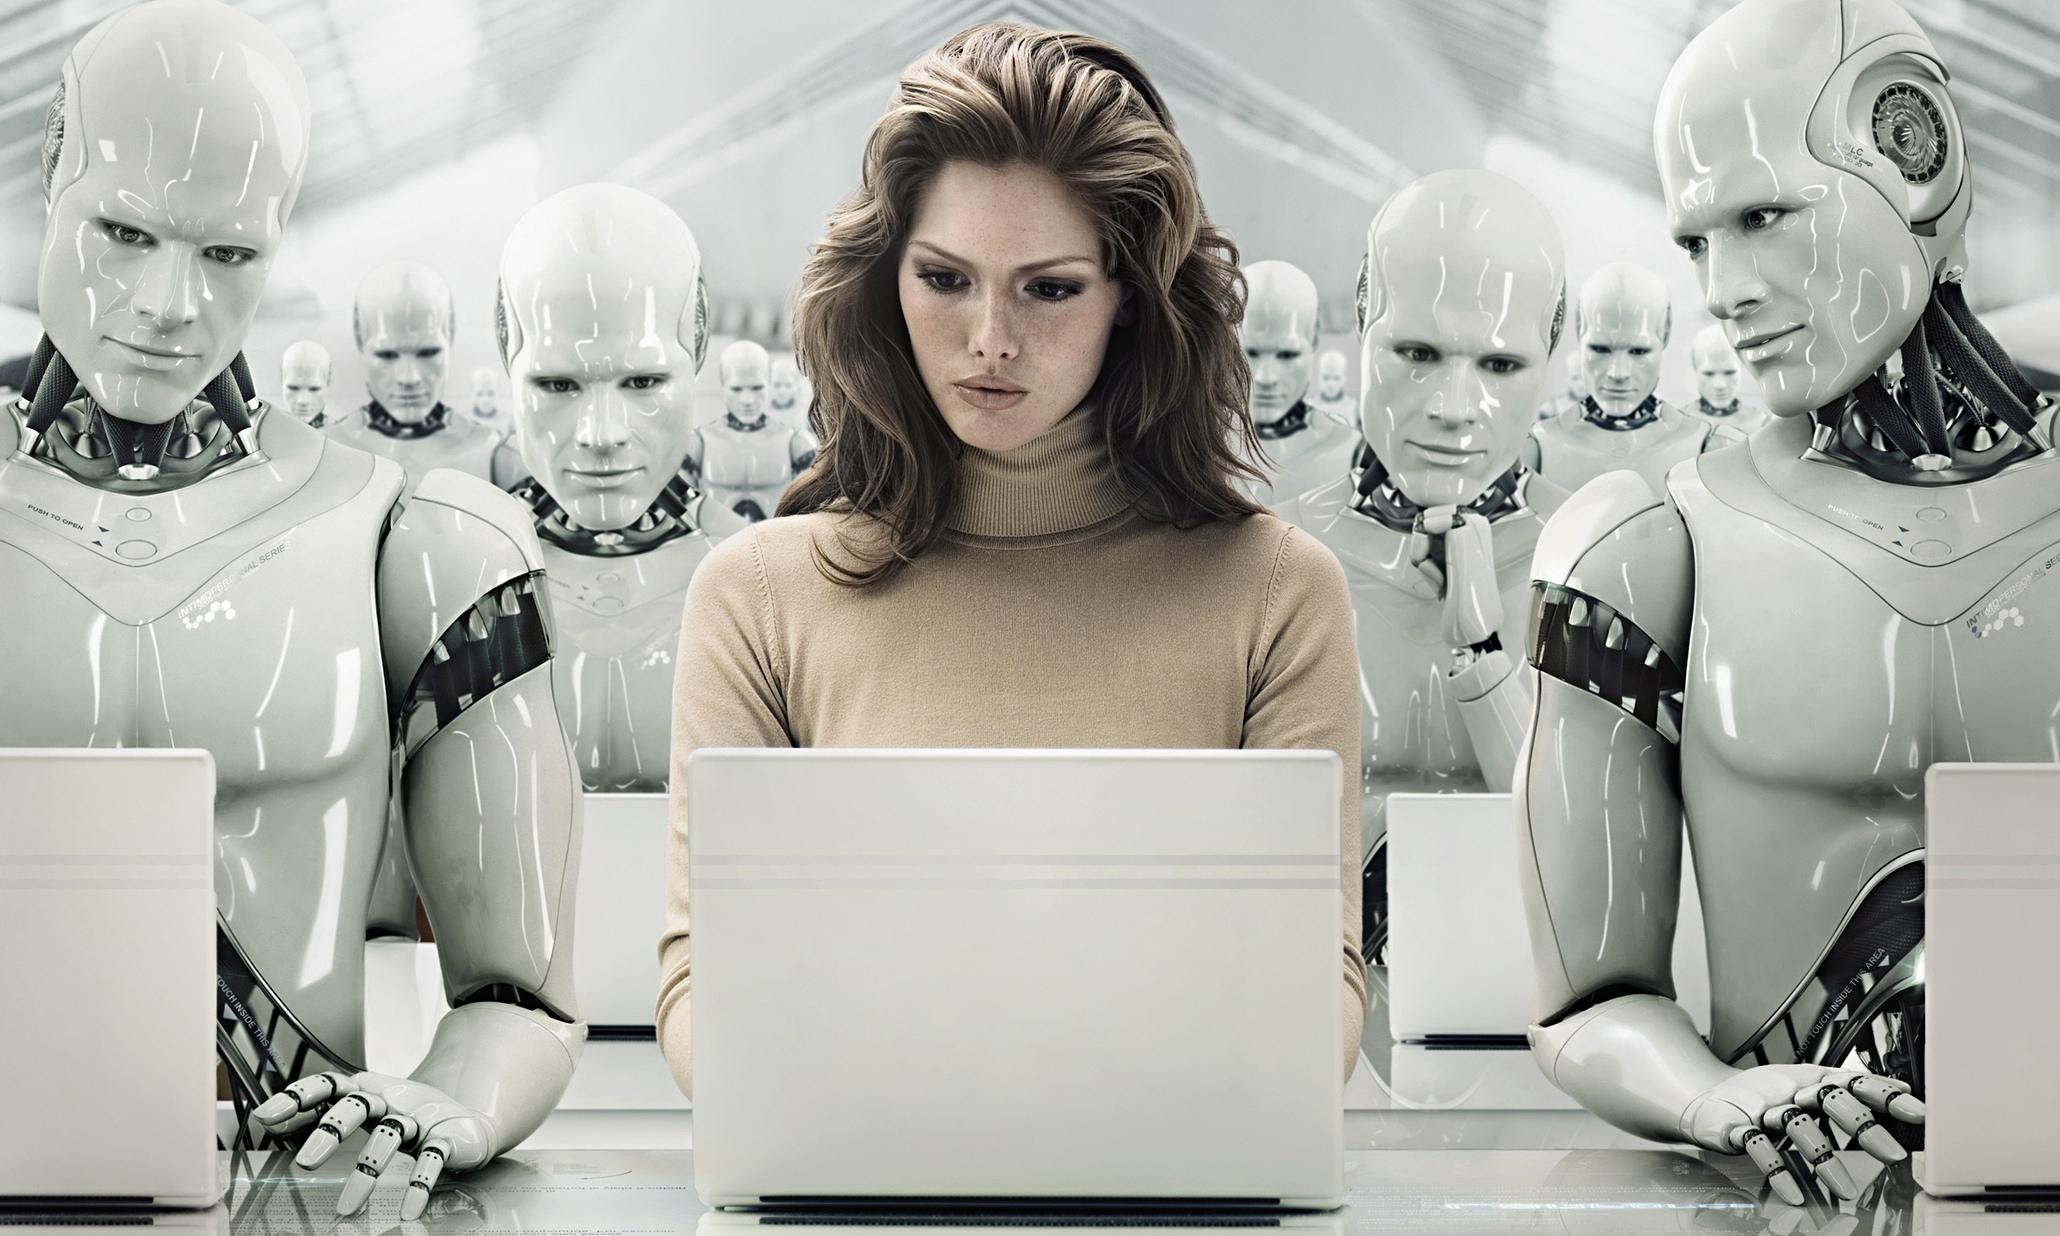 профессии будущего 2020